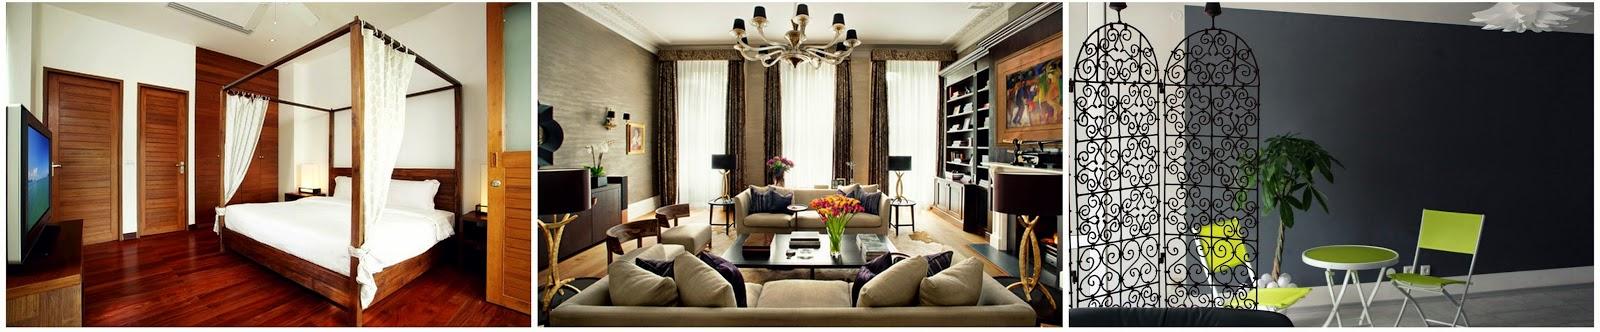 cout peintre en batiment appartement a l achat paris peintre professionnel cesu. Black Bedroom Furniture Sets. Home Design Ideas